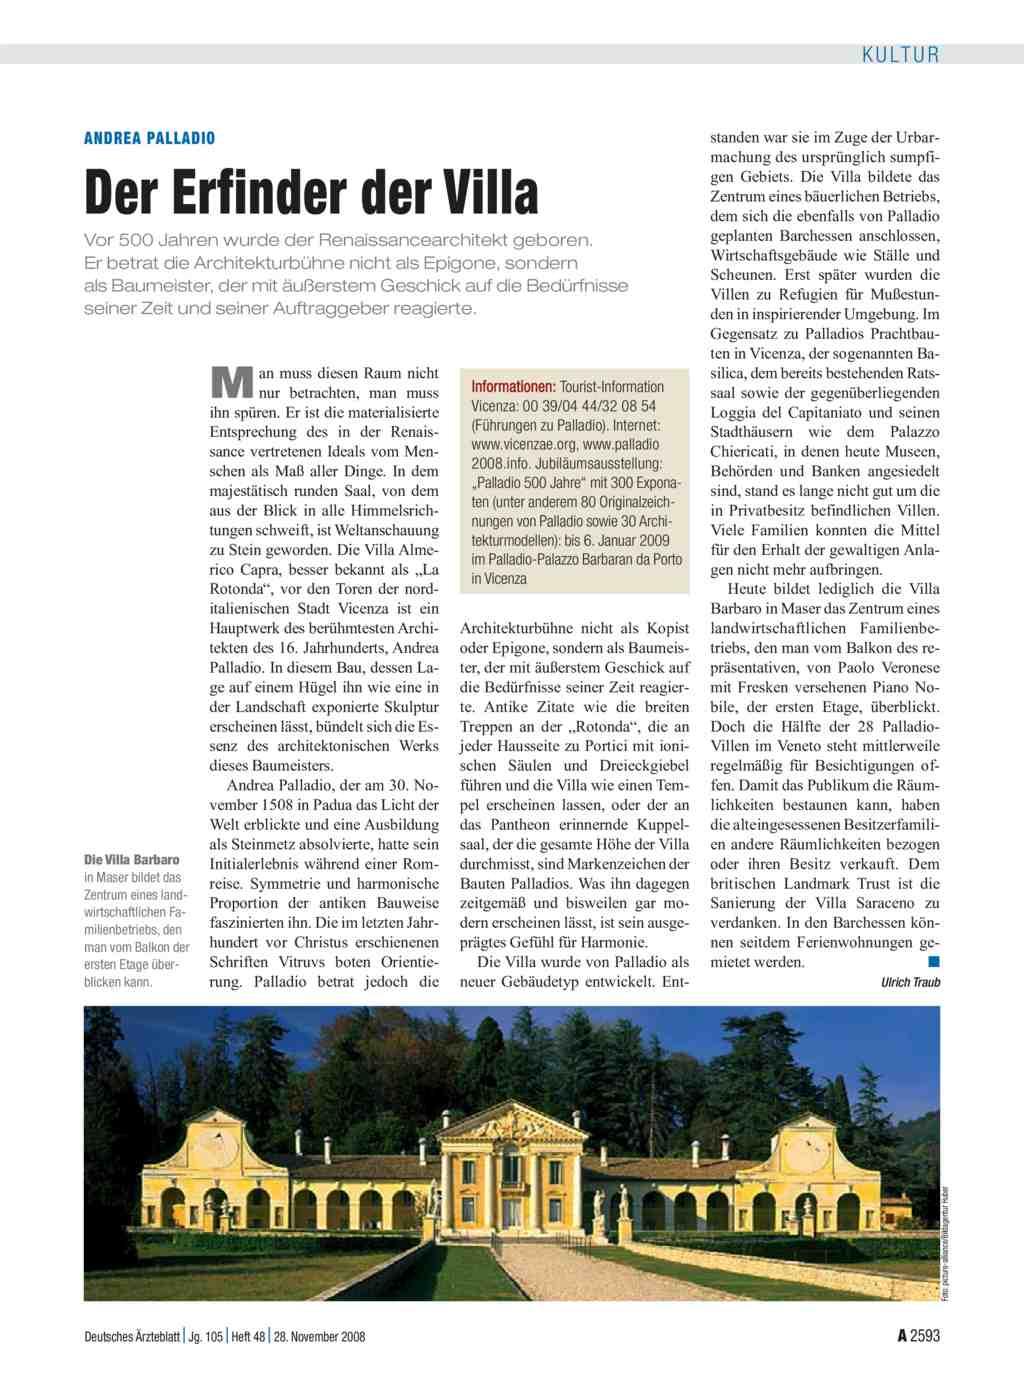 Andrea palladio der erfinder der villa for Erfinder der sms